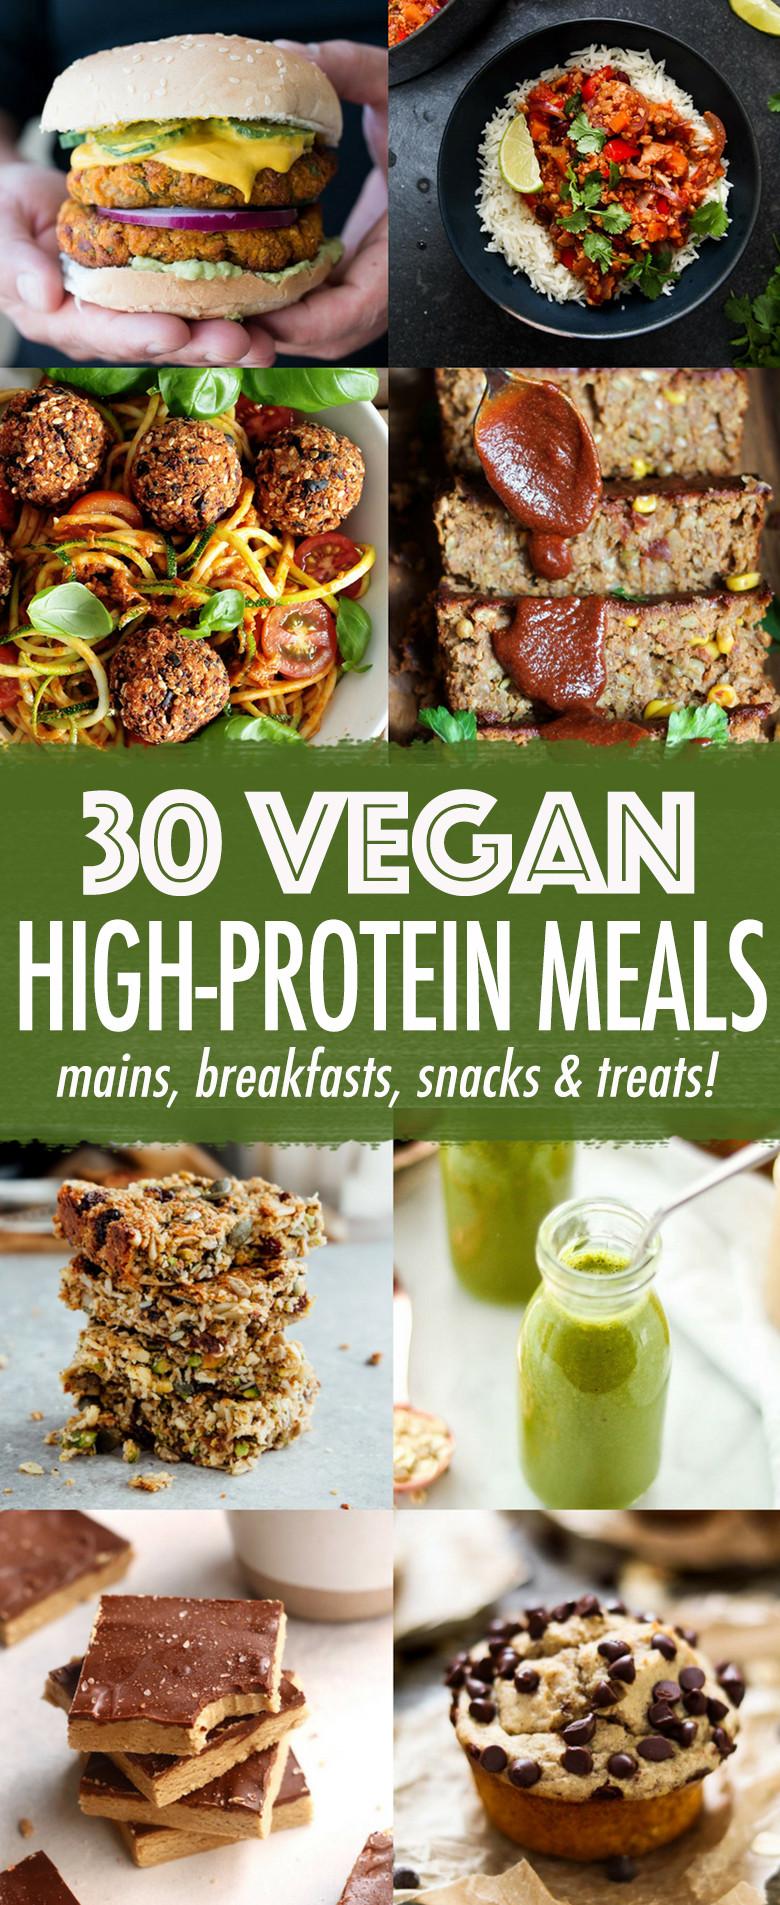 Vegan Protein Lunch Ideas  30 High protein Vegan Meals Wallflower Kitchen